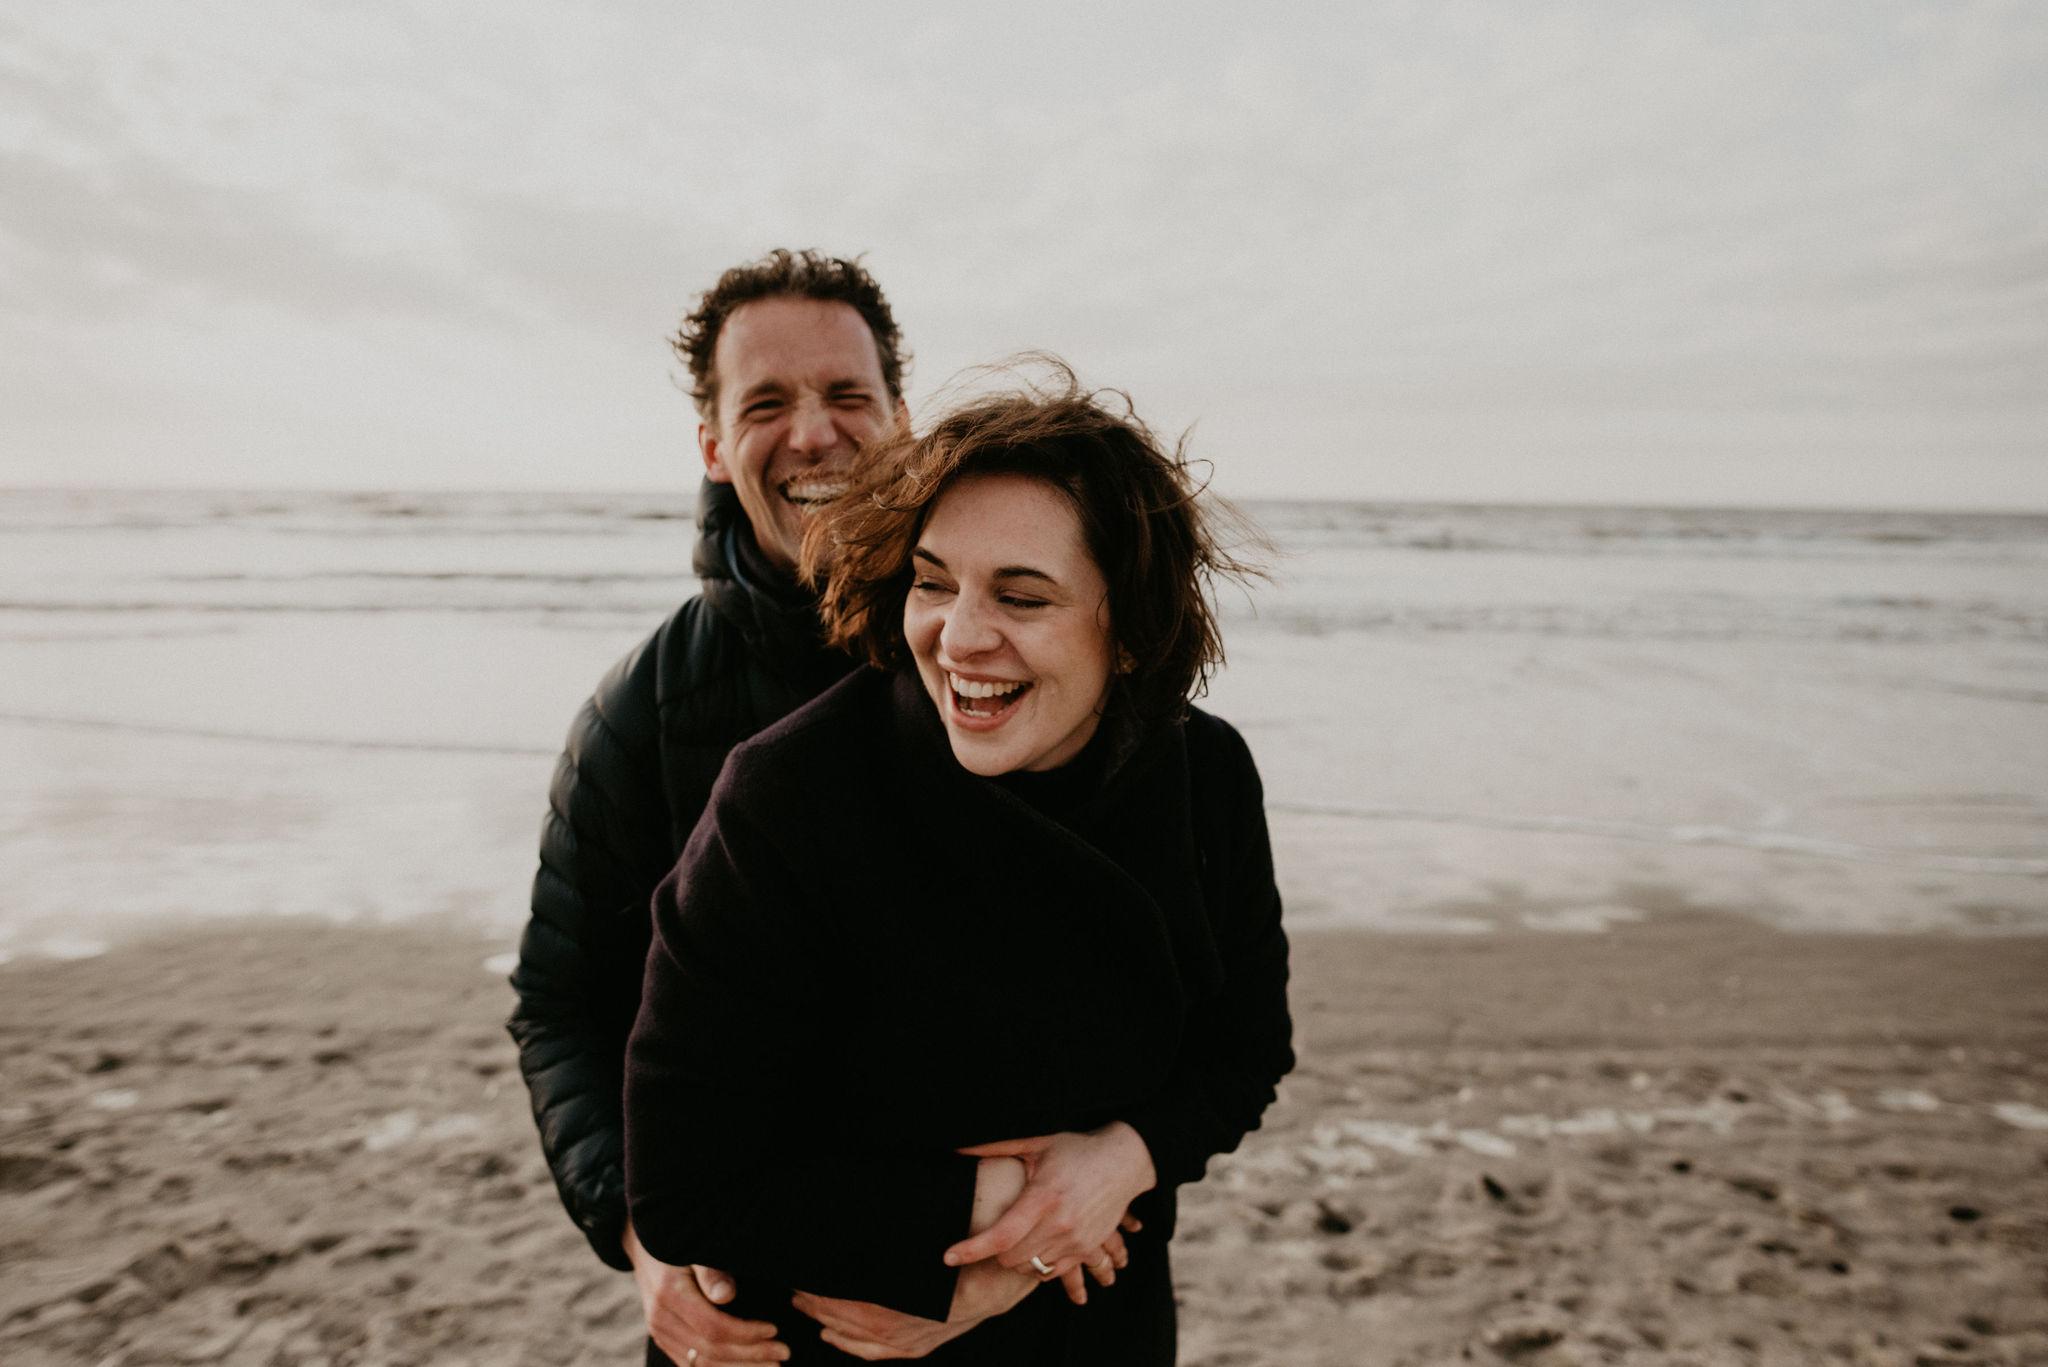 Love Photoshoot at Noordwijk Aan de Zee